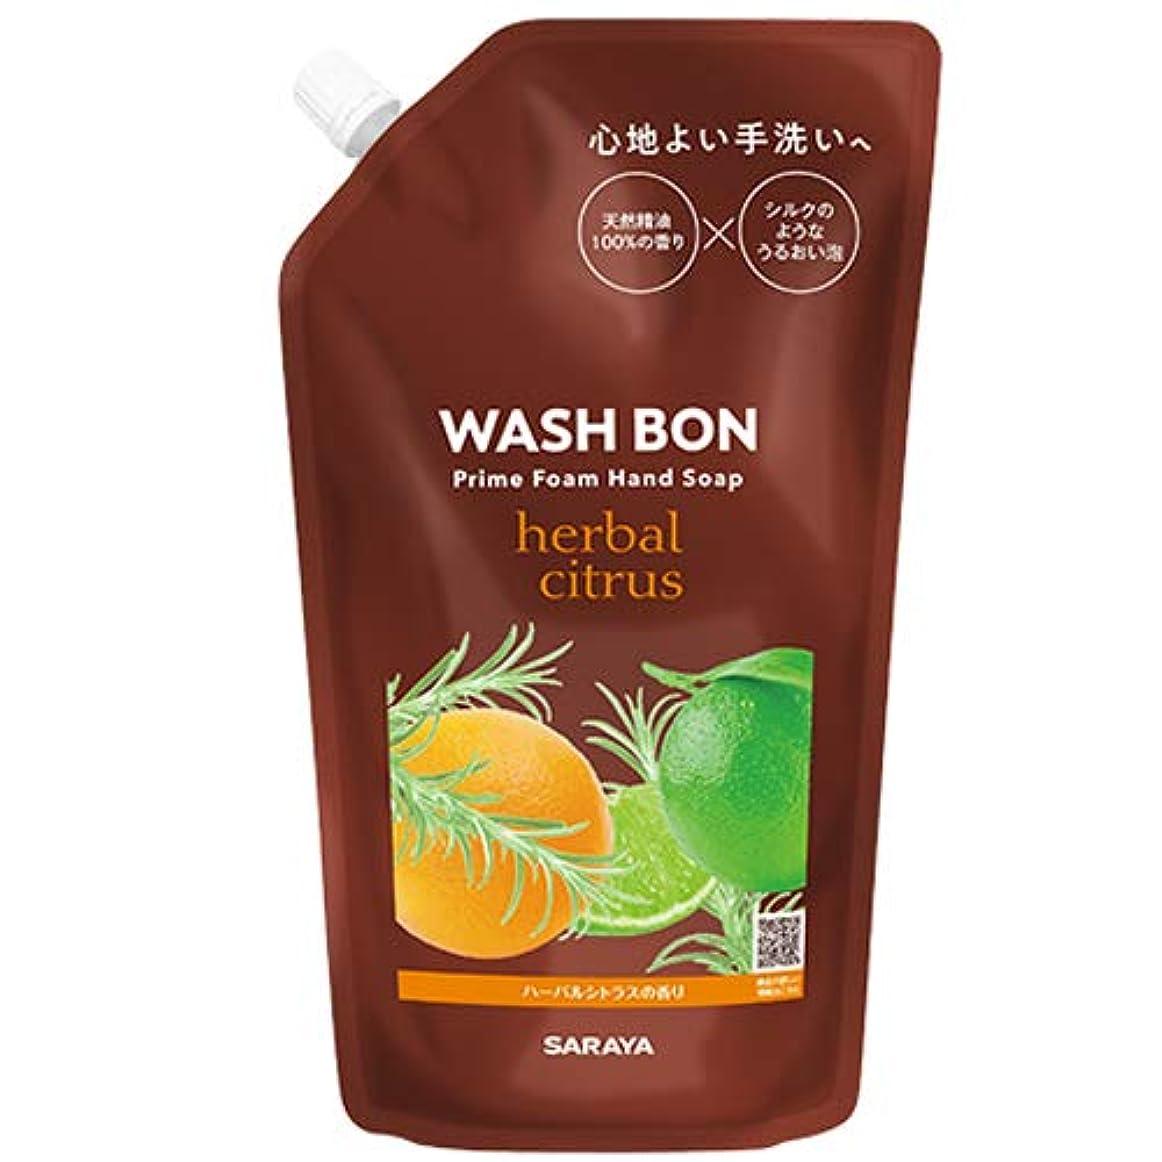 咳牛肉旋律的ウォシュボン(WASH VON) プライムフォーム ハーバルシトラス 詰替用 400ml×3個セット